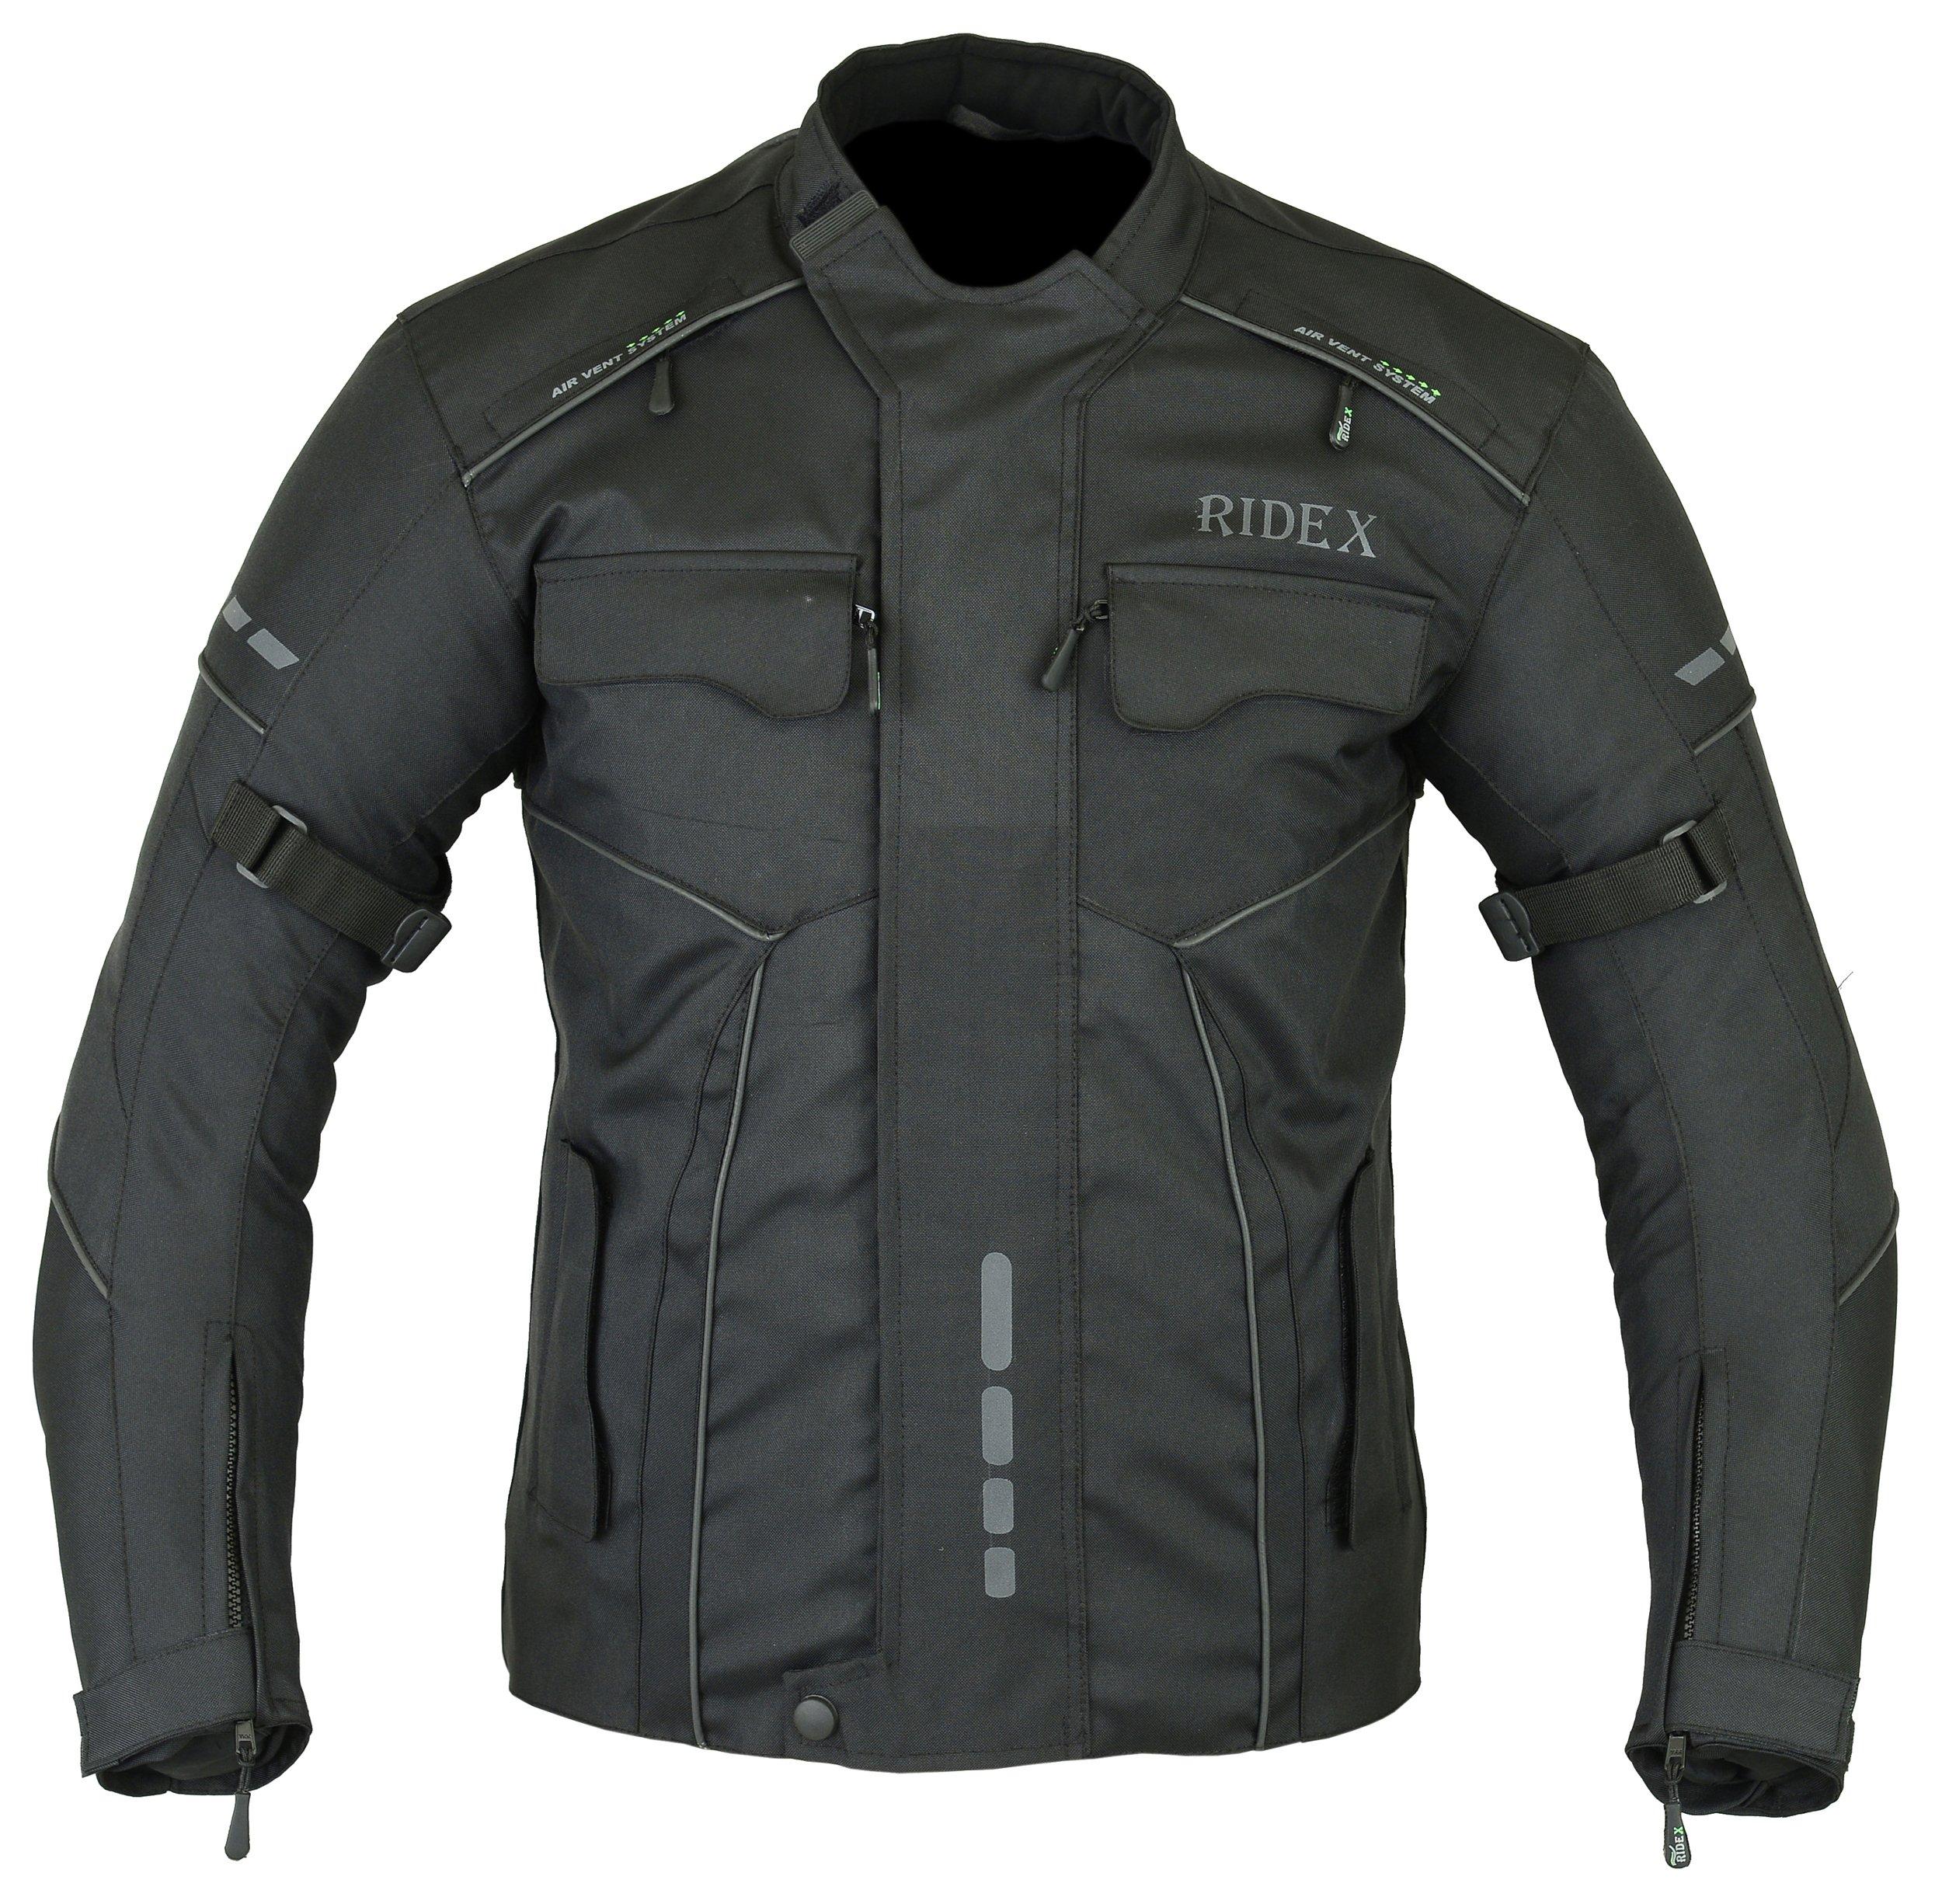 bdf07ed767803 RIDEX para Hombre CJ3 Chaqueta Impermeable y Resistente al Viento para Moto  Motocicletas Agua para